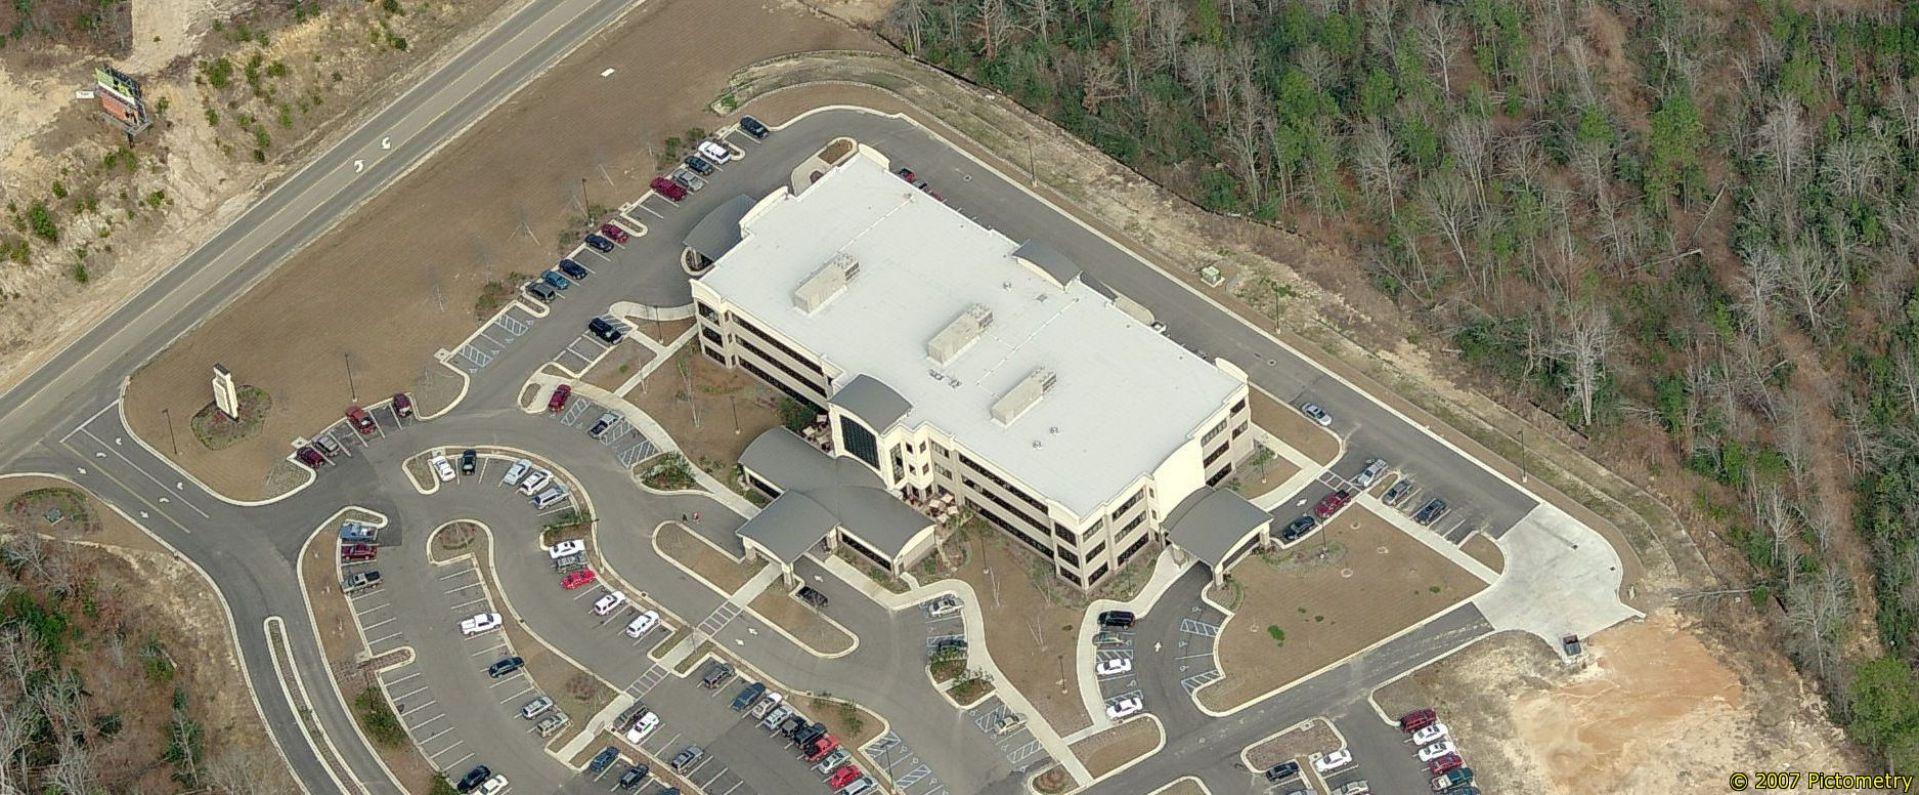 Hattiesburg Lincoln Parkway Medical